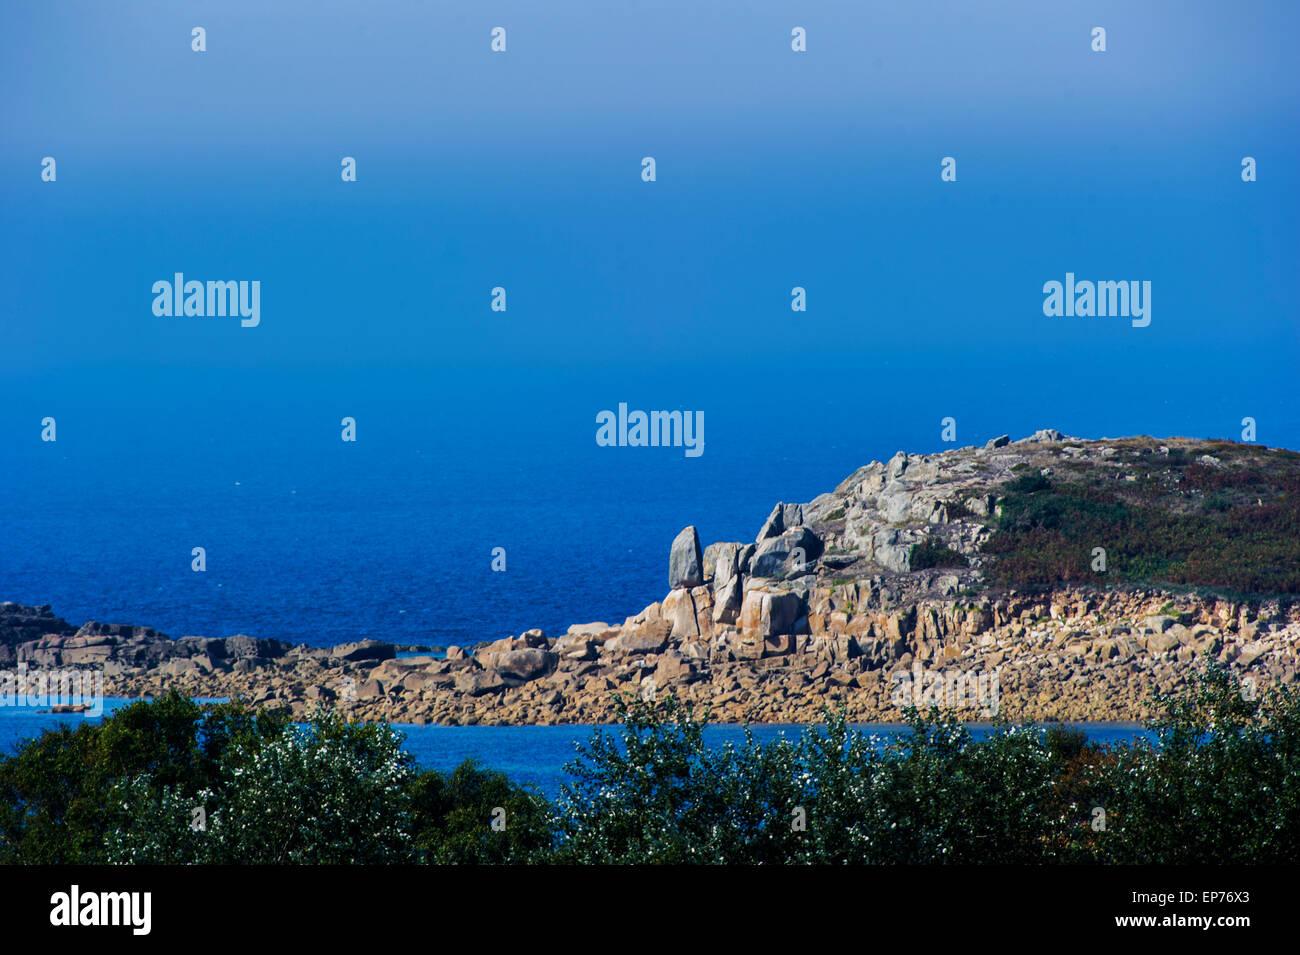 Küstenformation in der Bretagne - Stock Image